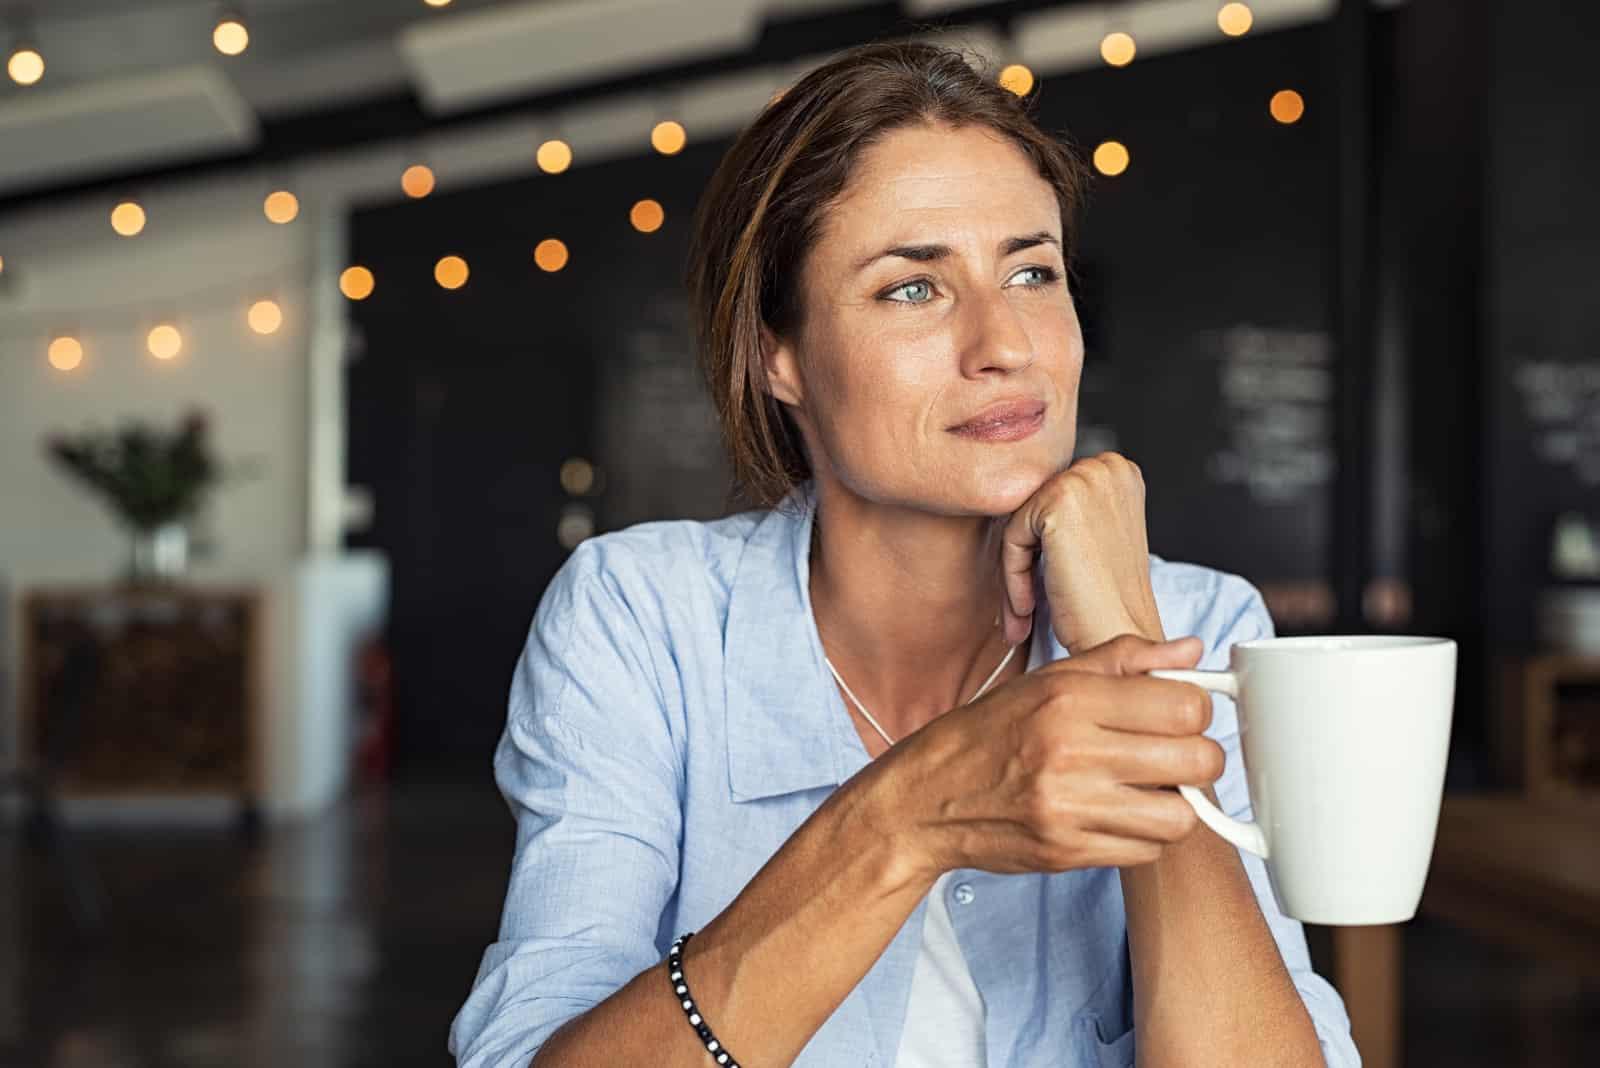 Nachdenkliche reife Frau, die in der Cafeteria mit Kaffee sitzt holding